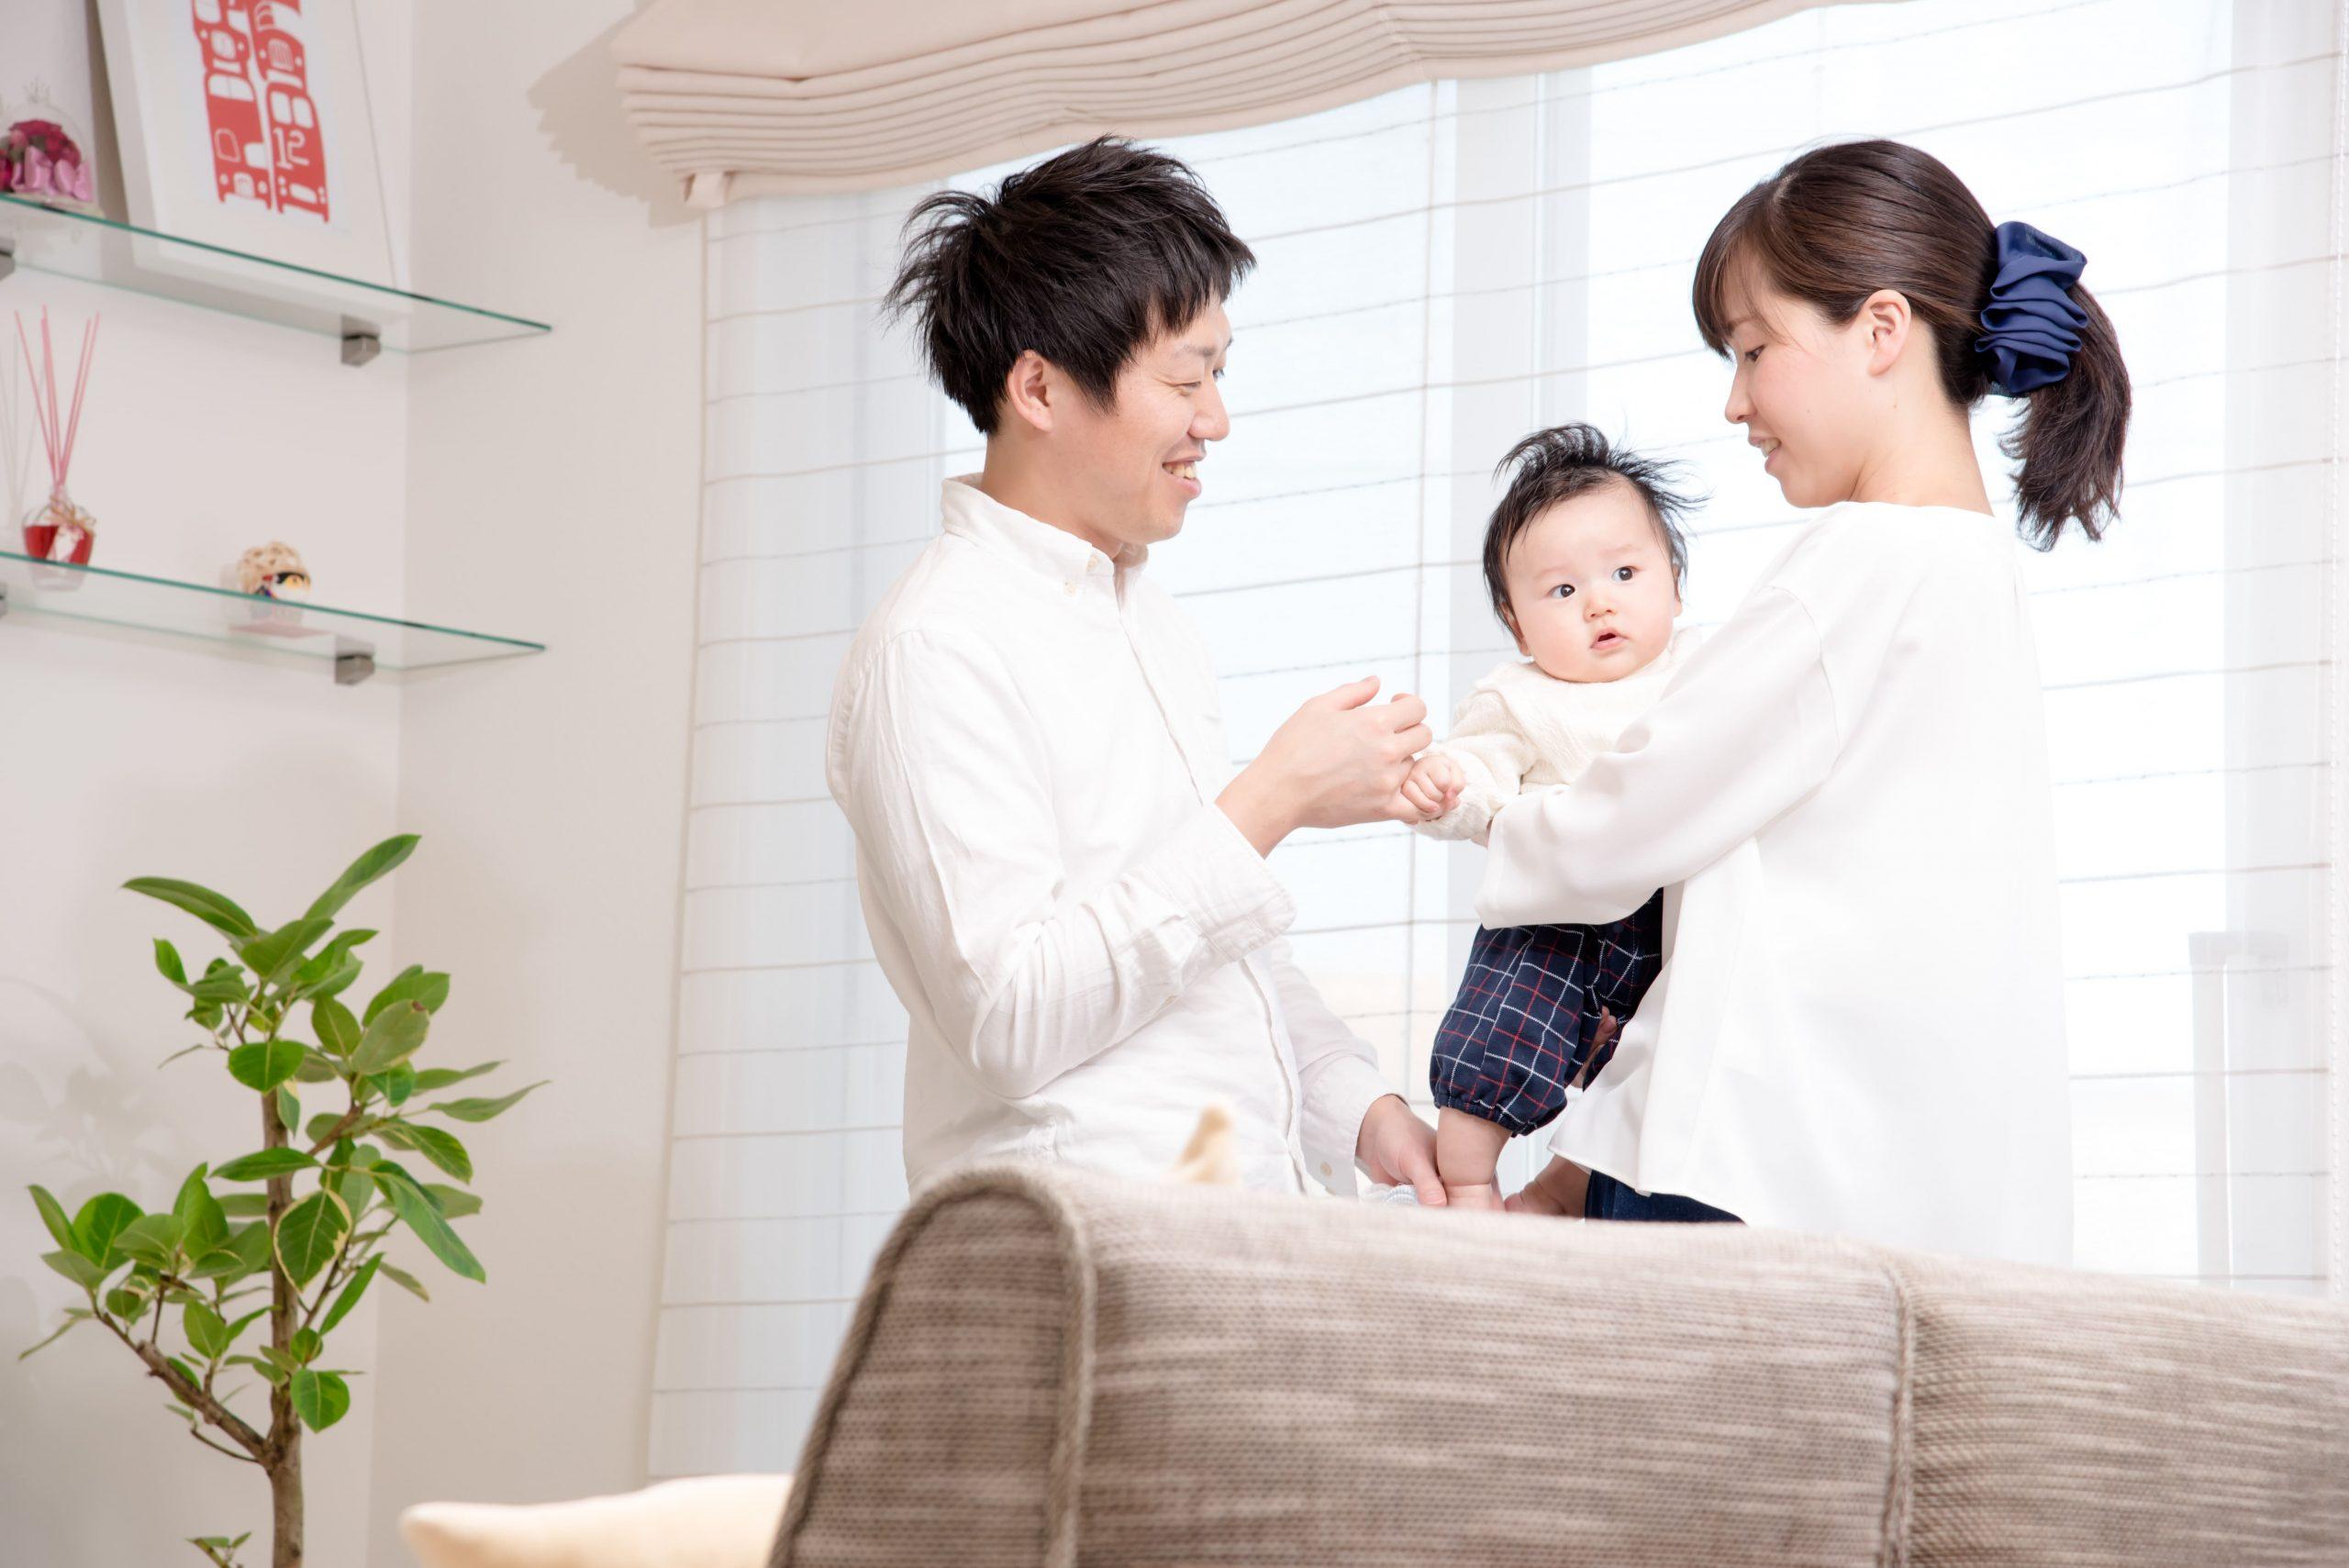 育児休業を取りたい!給付金額や期間、申請方法をまるっと解説